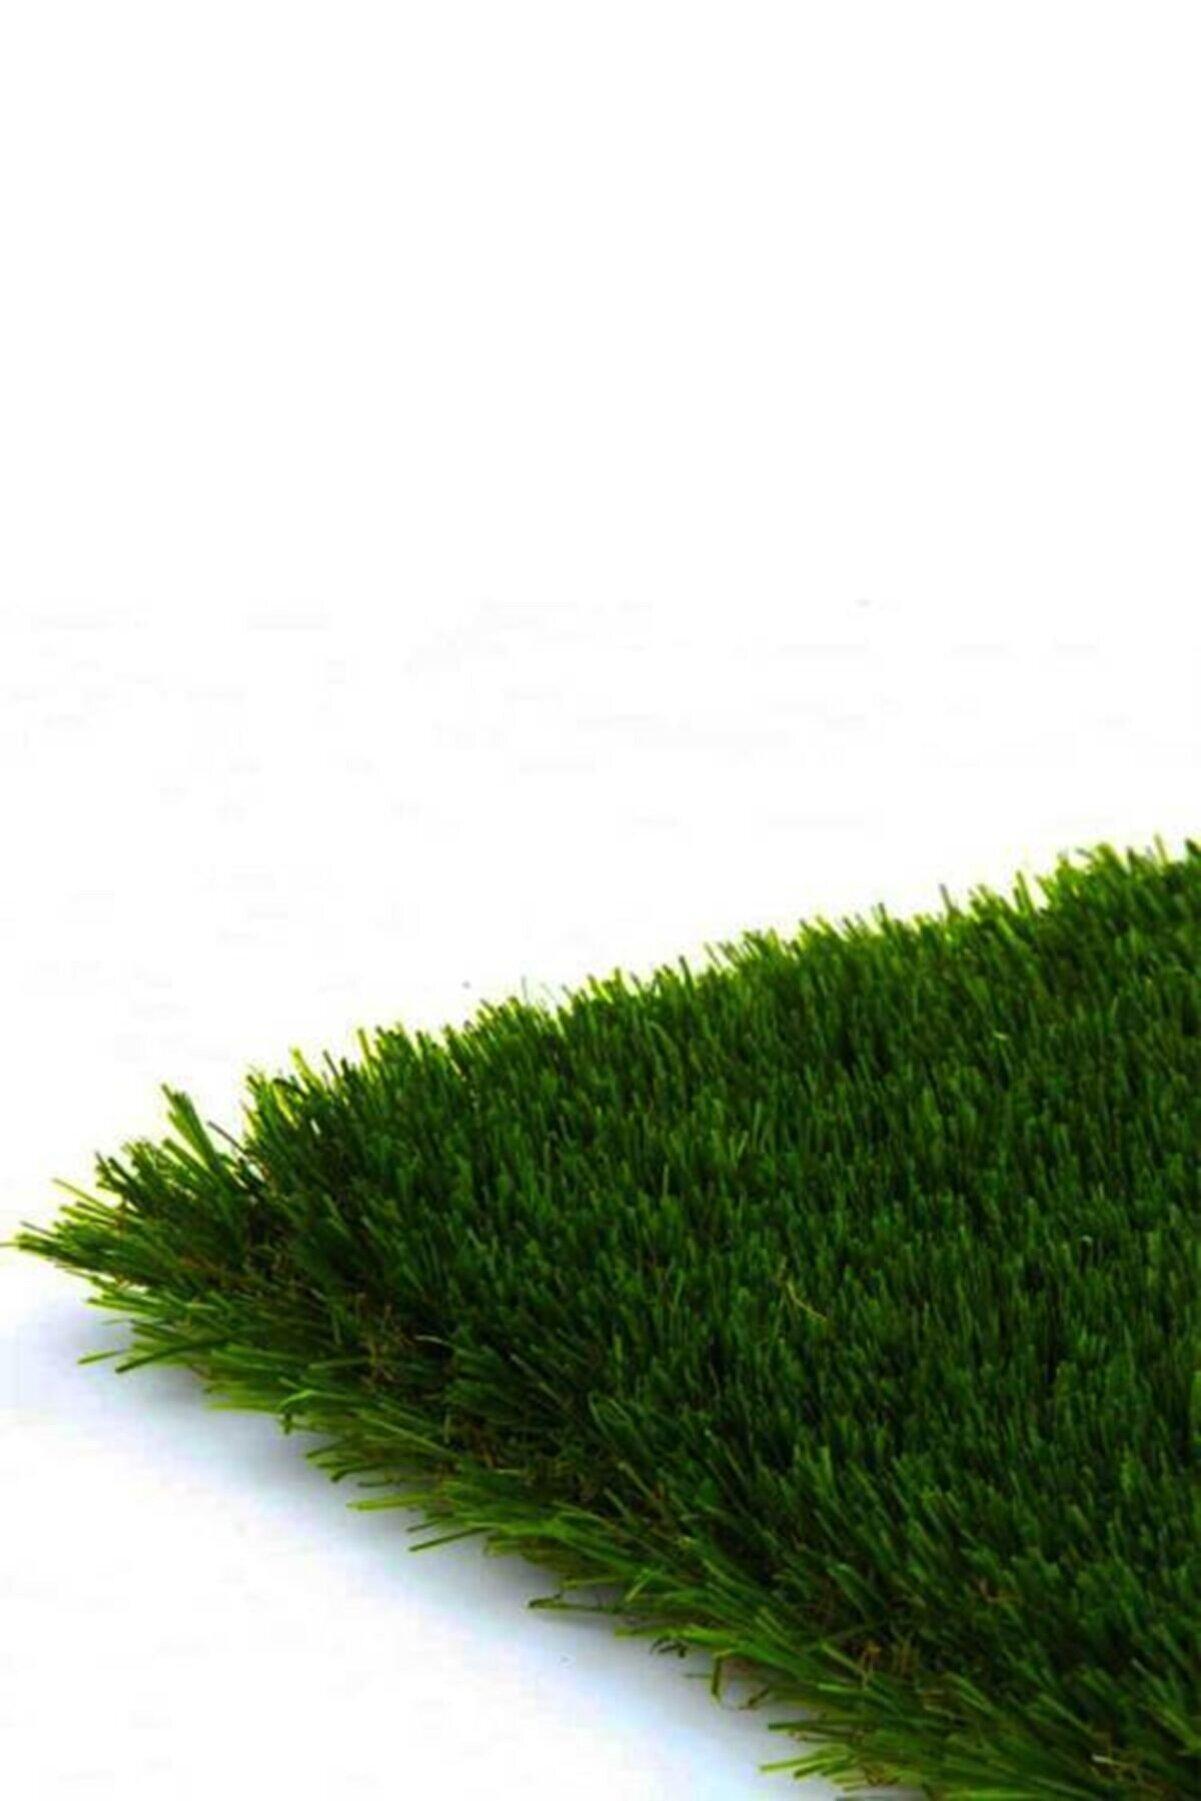 ISM - Suni Yapay Çim Halı Serisi - 50mm - Yeşil - En 4 Metre - Çim Saha Kalitesi